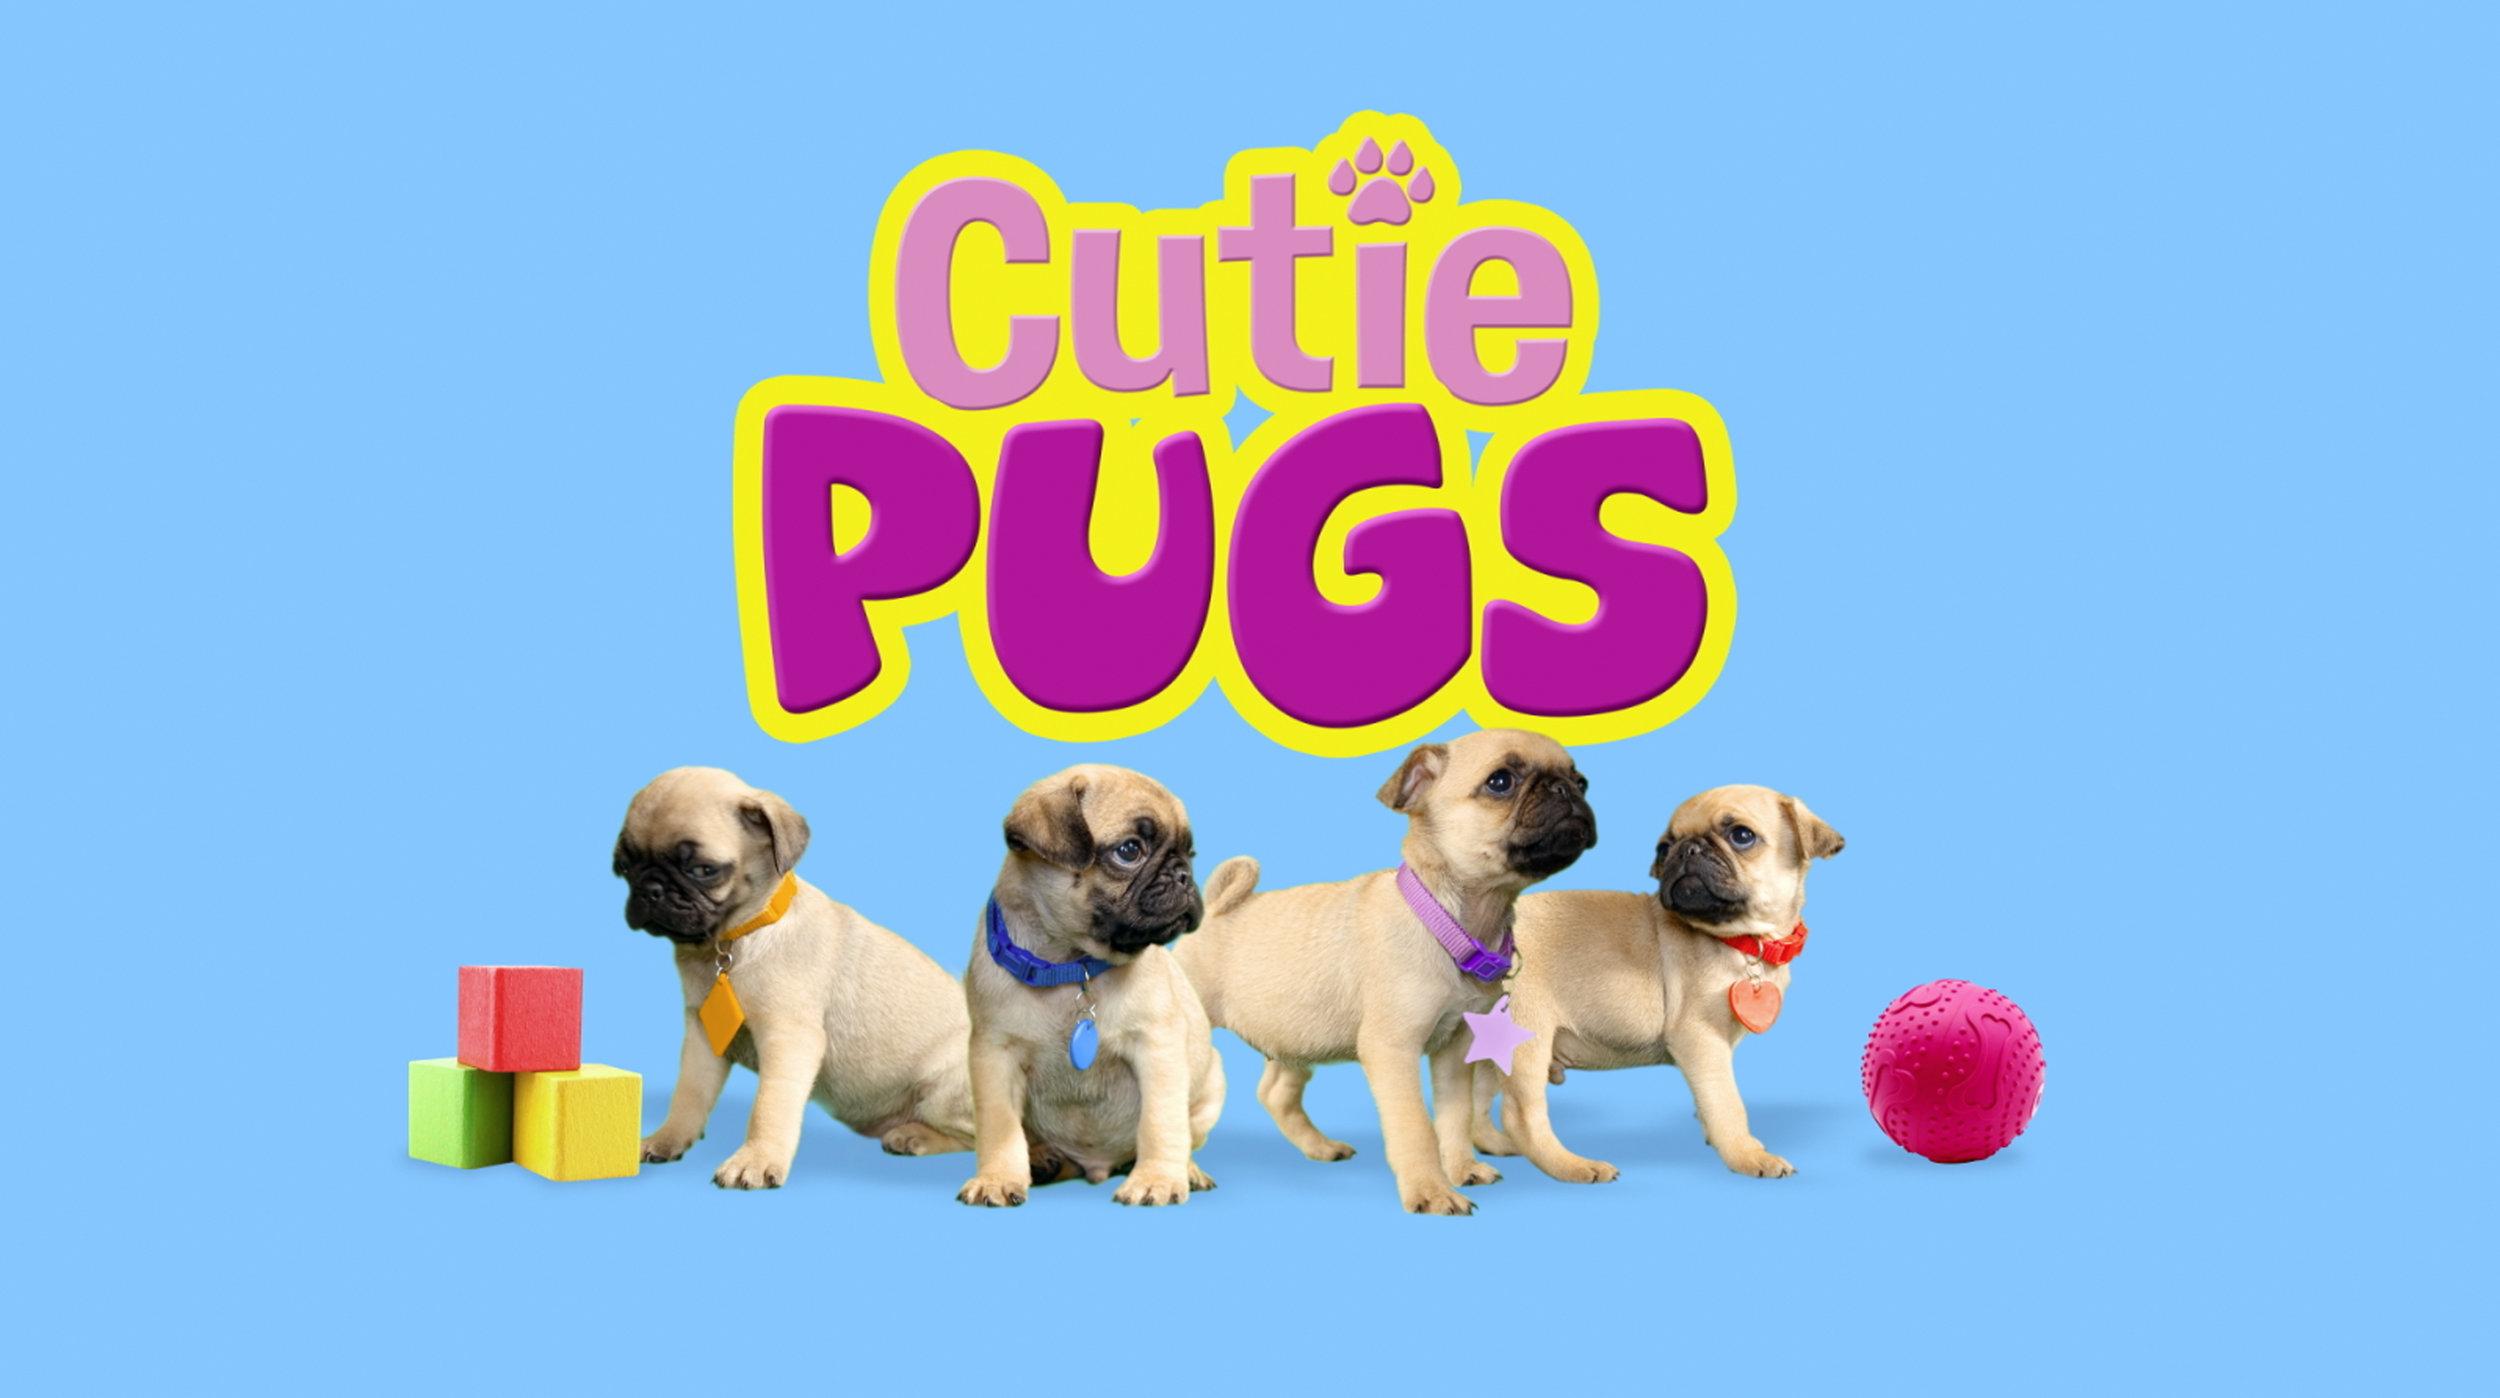 1_Cutie Pugs_Splash Page (1).jpg